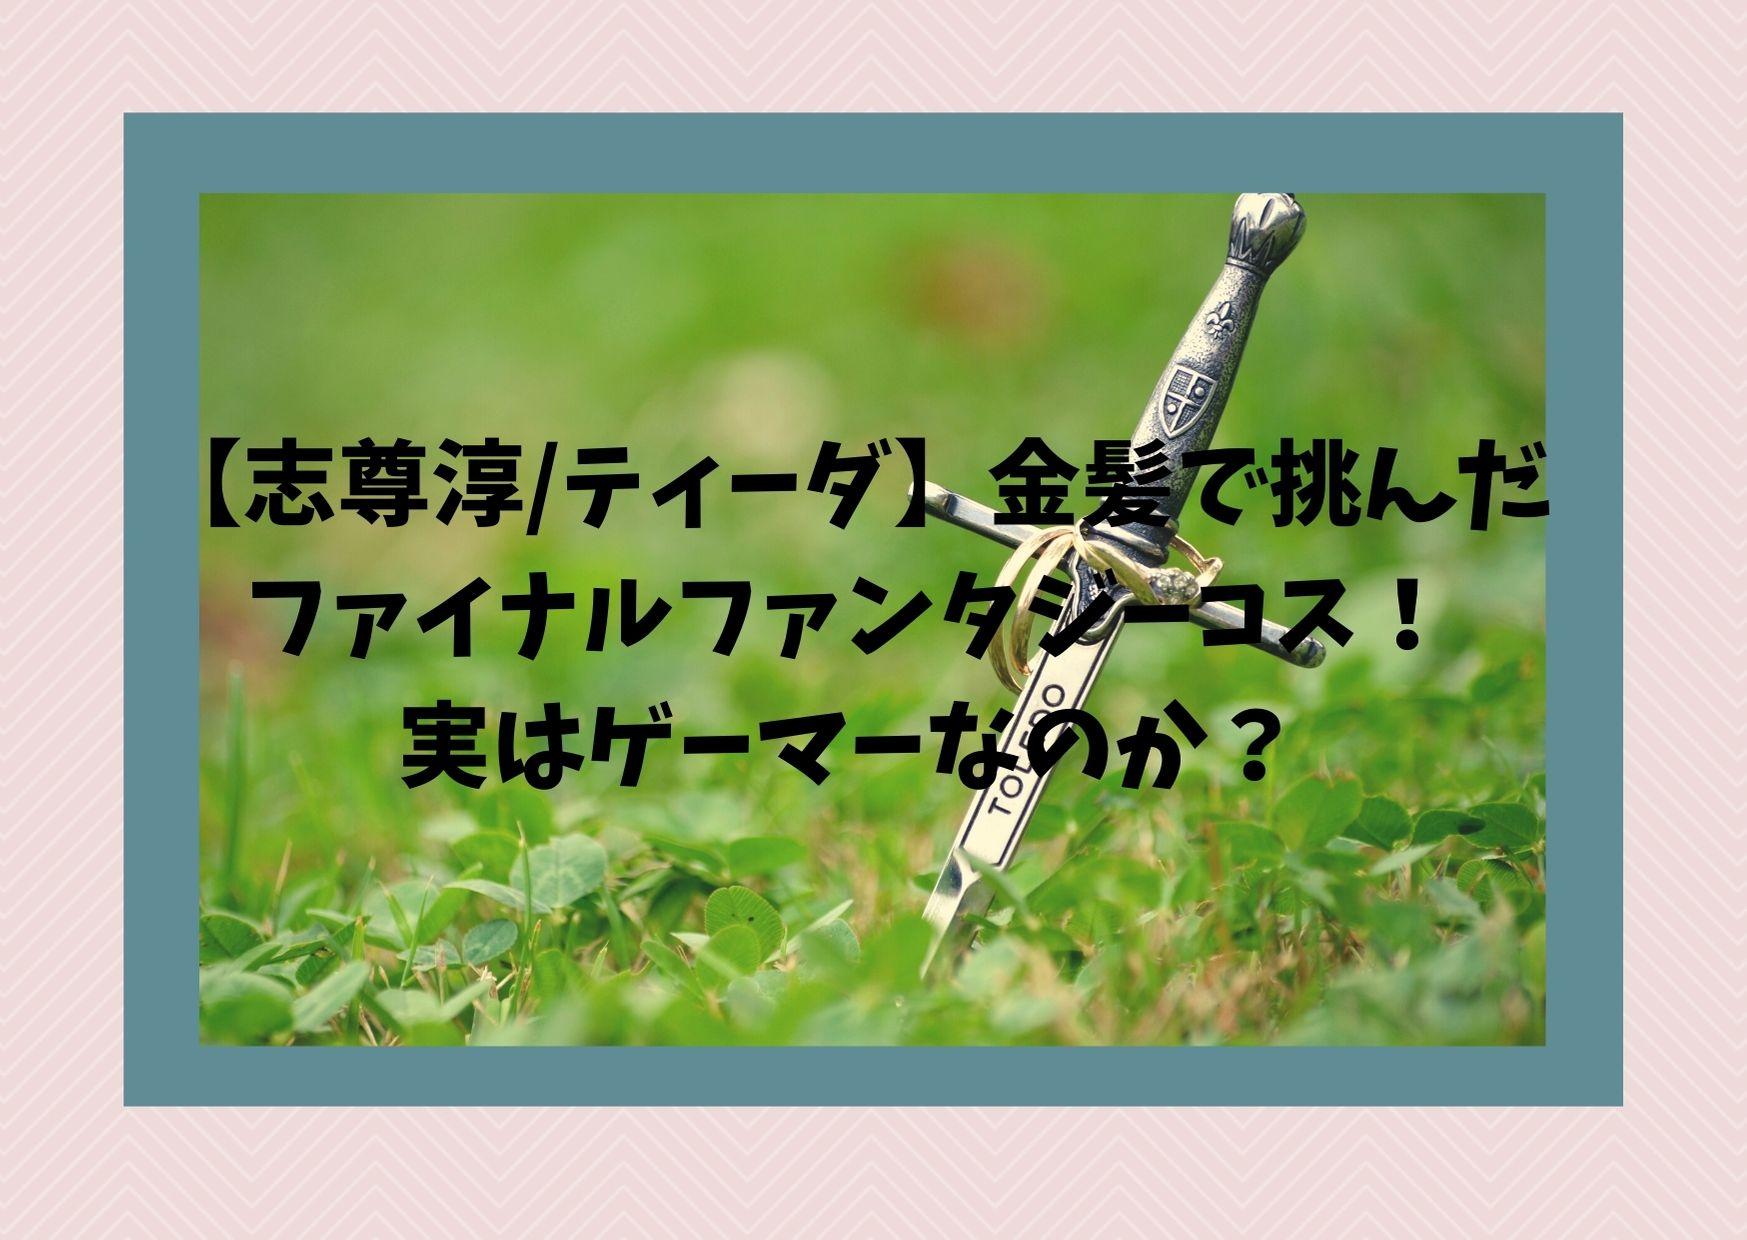 【志尊淳/ティーダ】金髪で挑んだファイナルファンタジーコス、実はゲーマーなのか?